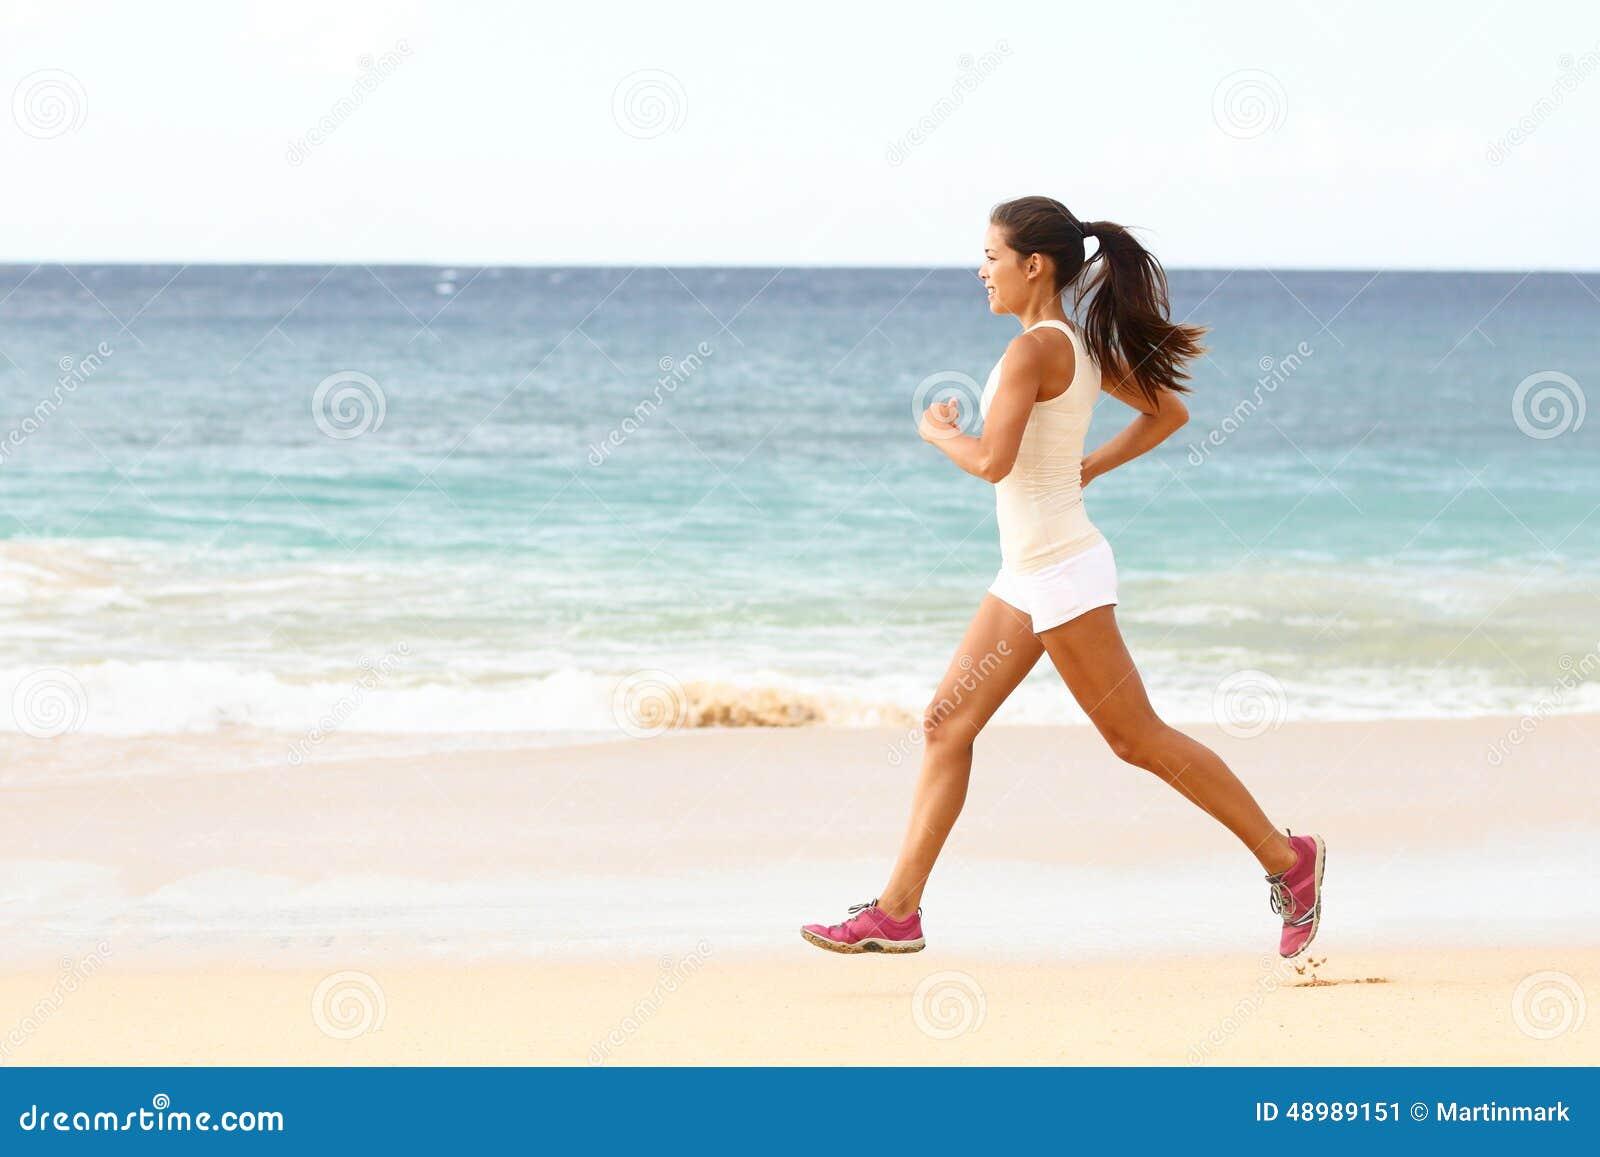 Dysponowany młoda kobieta bieg wzdłuż tropikalnej plaży